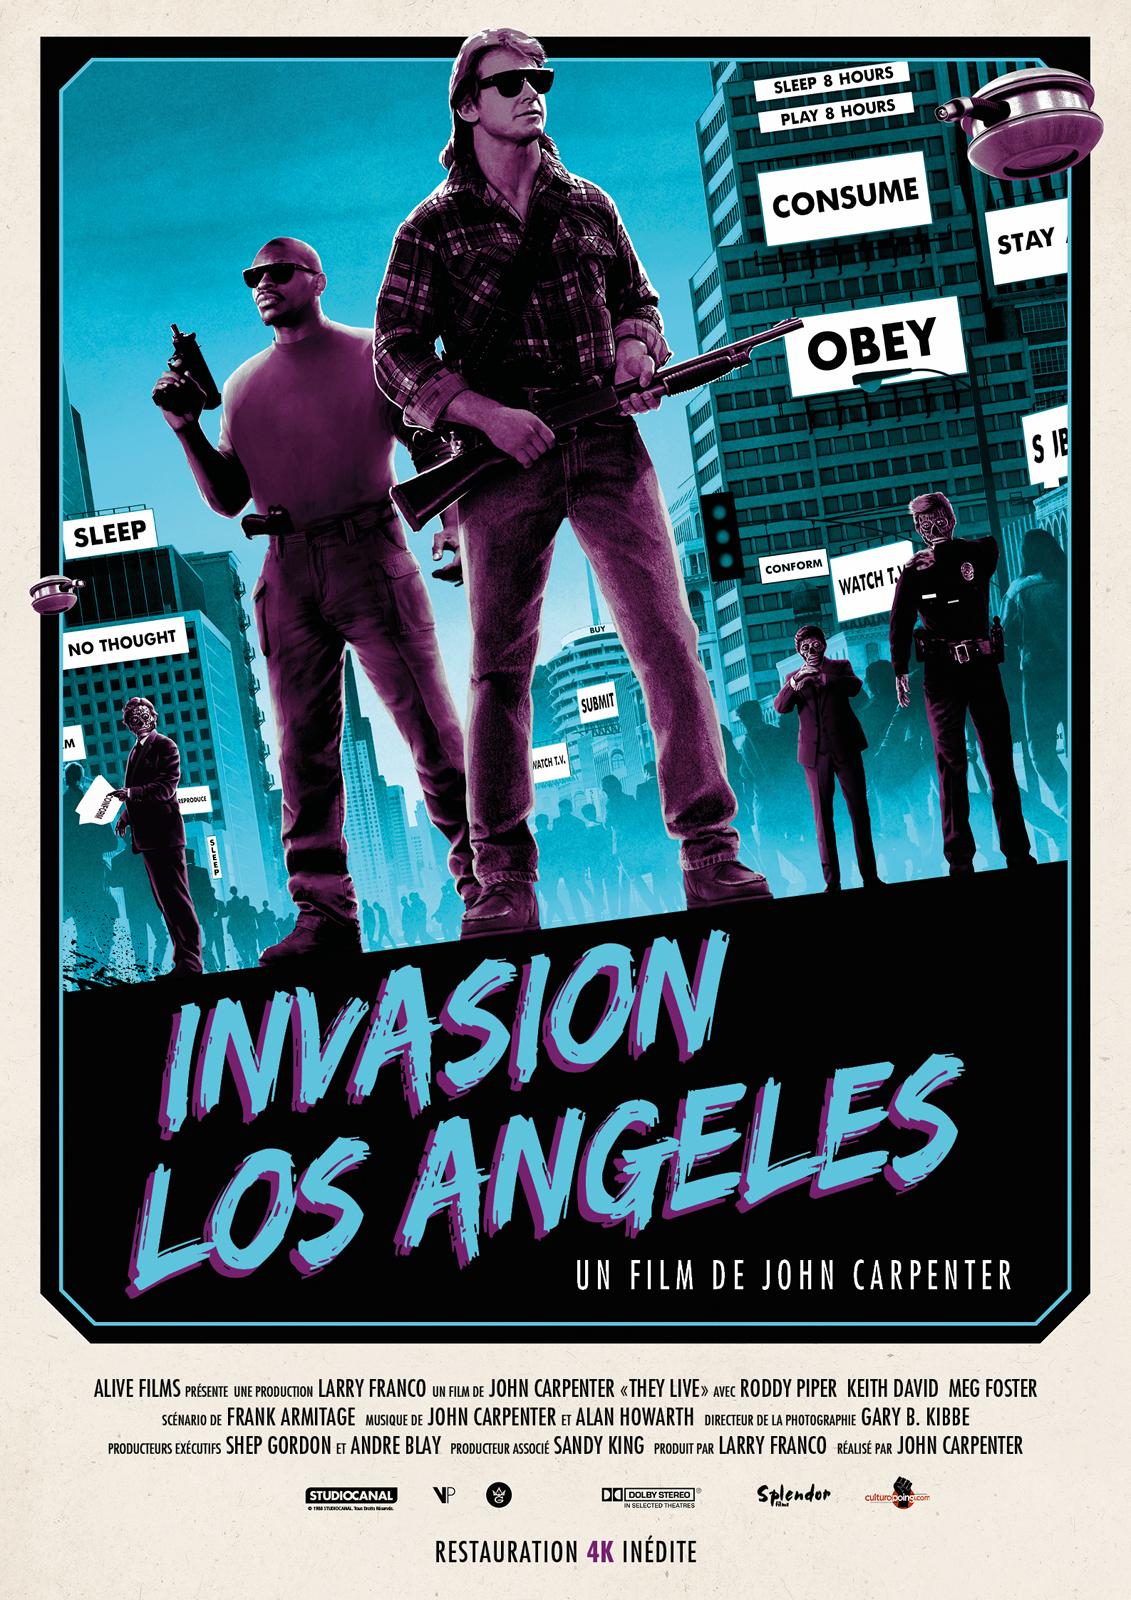 Image du film Invasion Los Angeles